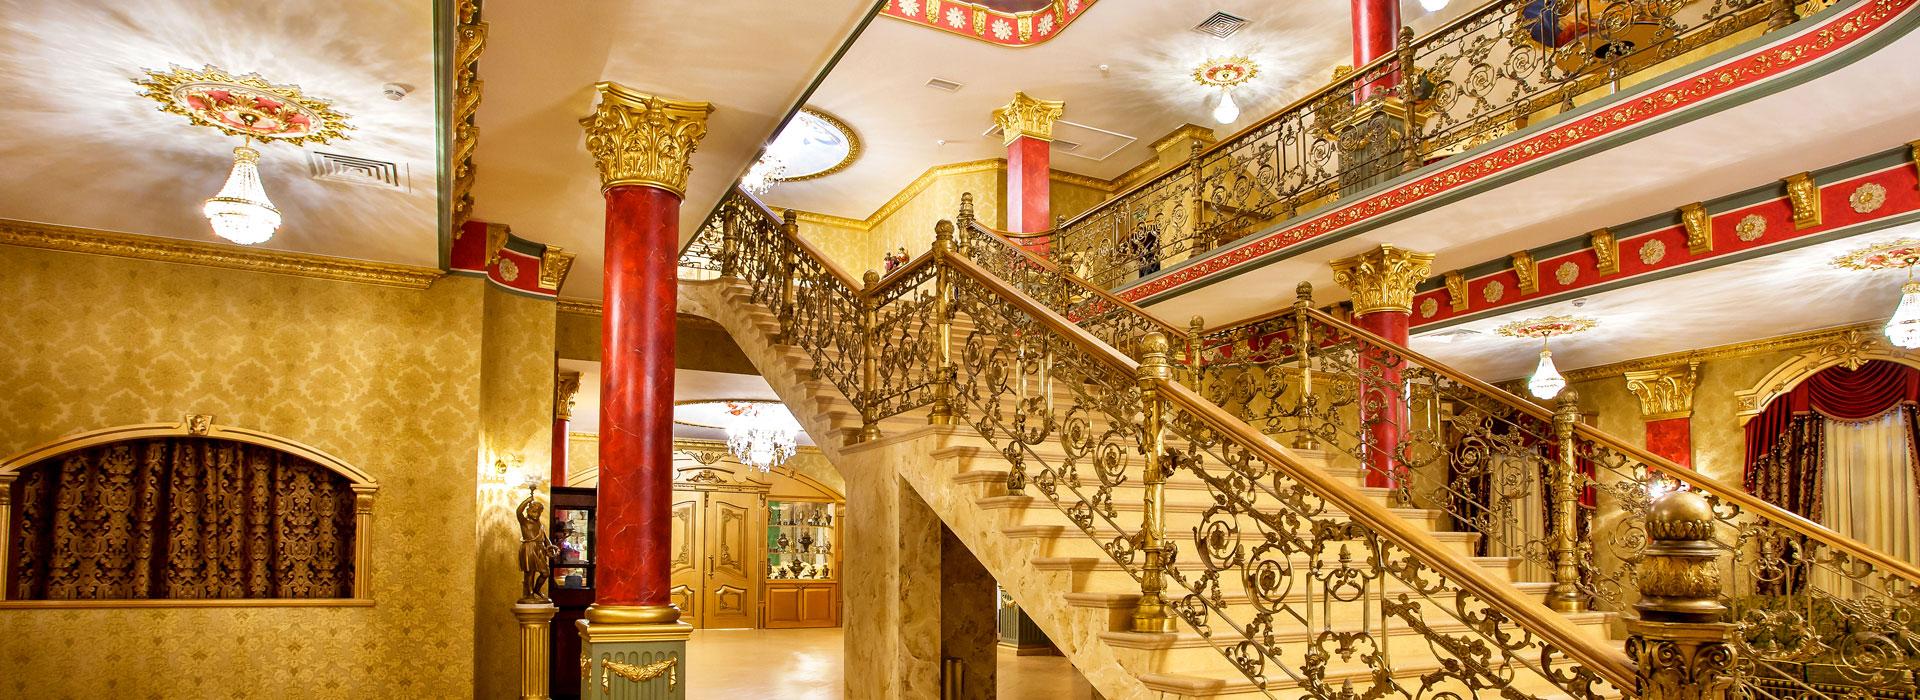 Весенний дворец краснодар ресторан фото 3